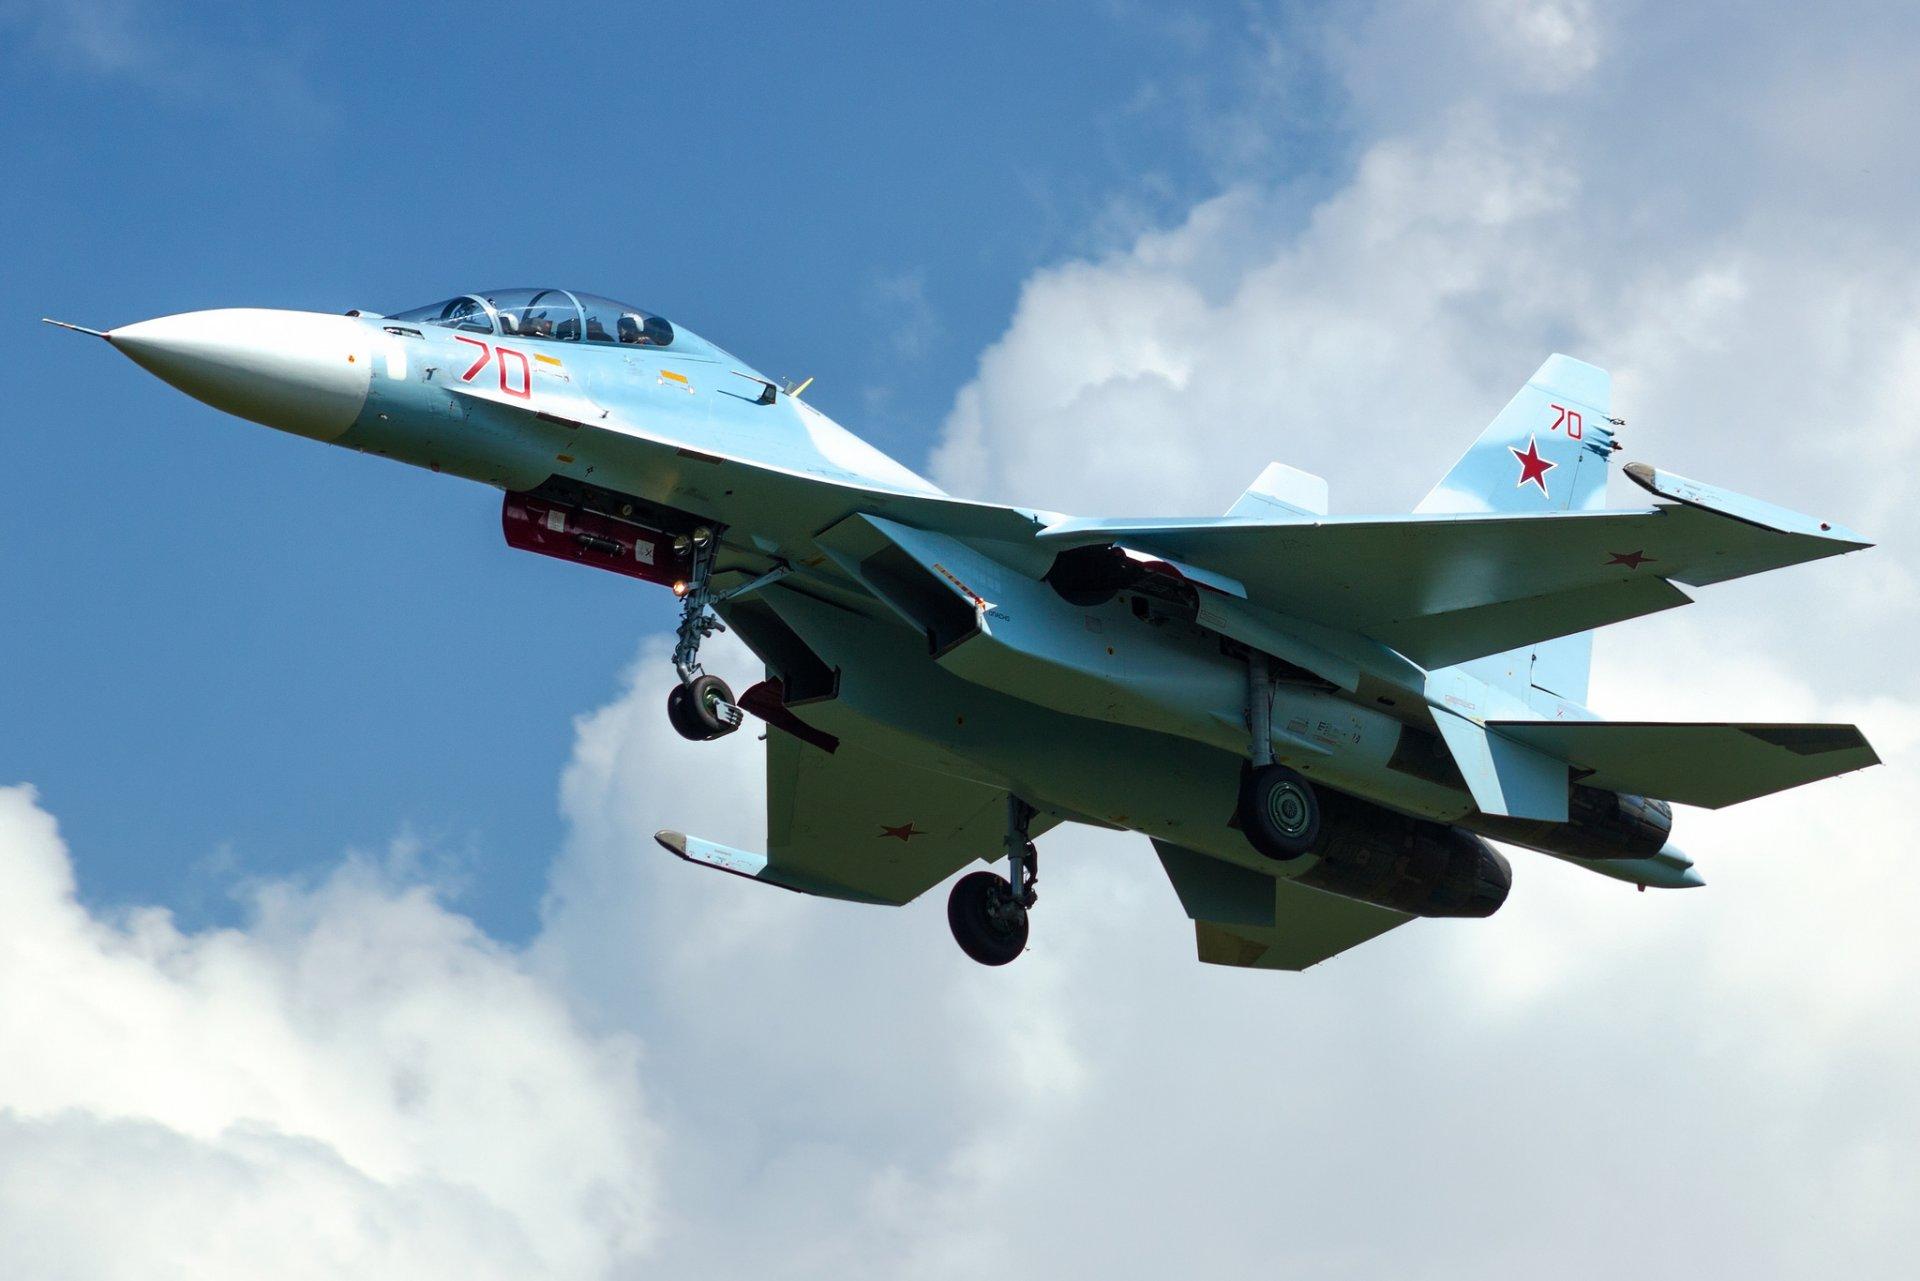 Обои многоцелевой, двухместный, Су-30м2, истребитель. Авиация foto 7